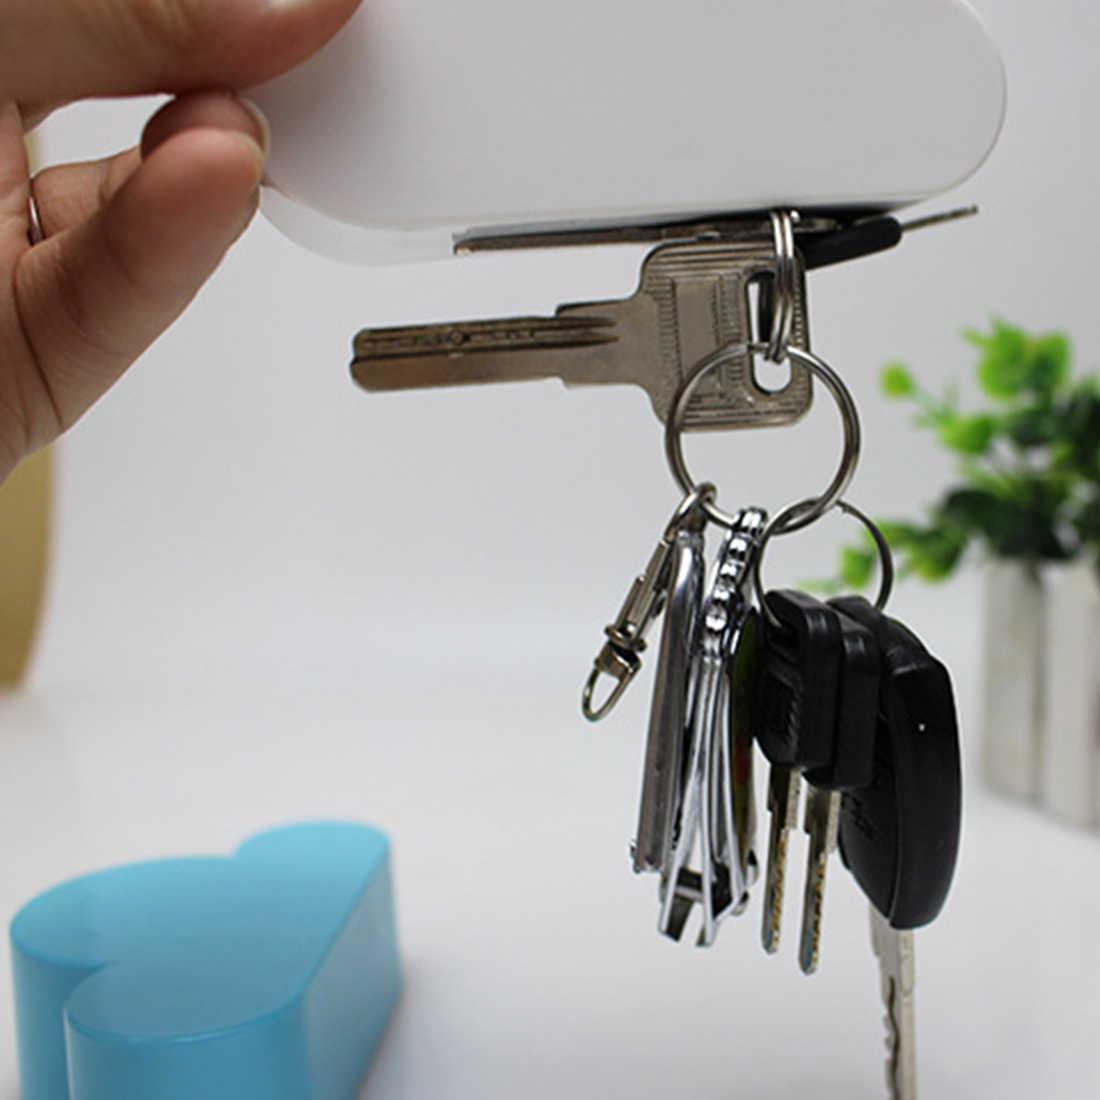 1 قطعة الأبيض سحابة شكل مفتاح حامل الإبداعية حامل تخزين المنزل شماعات المغناطيسي المغناطيس المفاتيح حامل جدار ديكور هدية